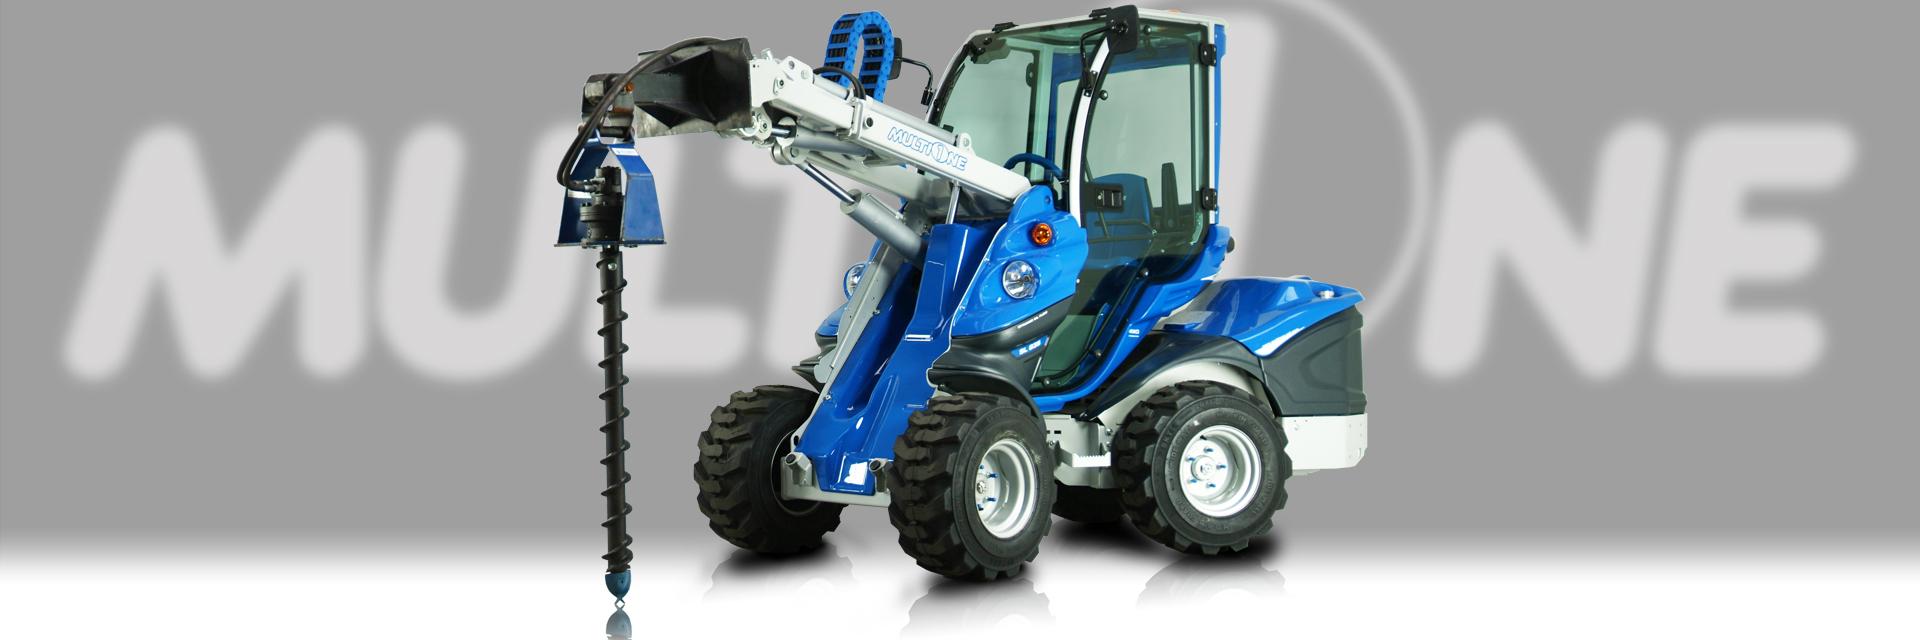 Multione-mini-excavator-auger-attachment